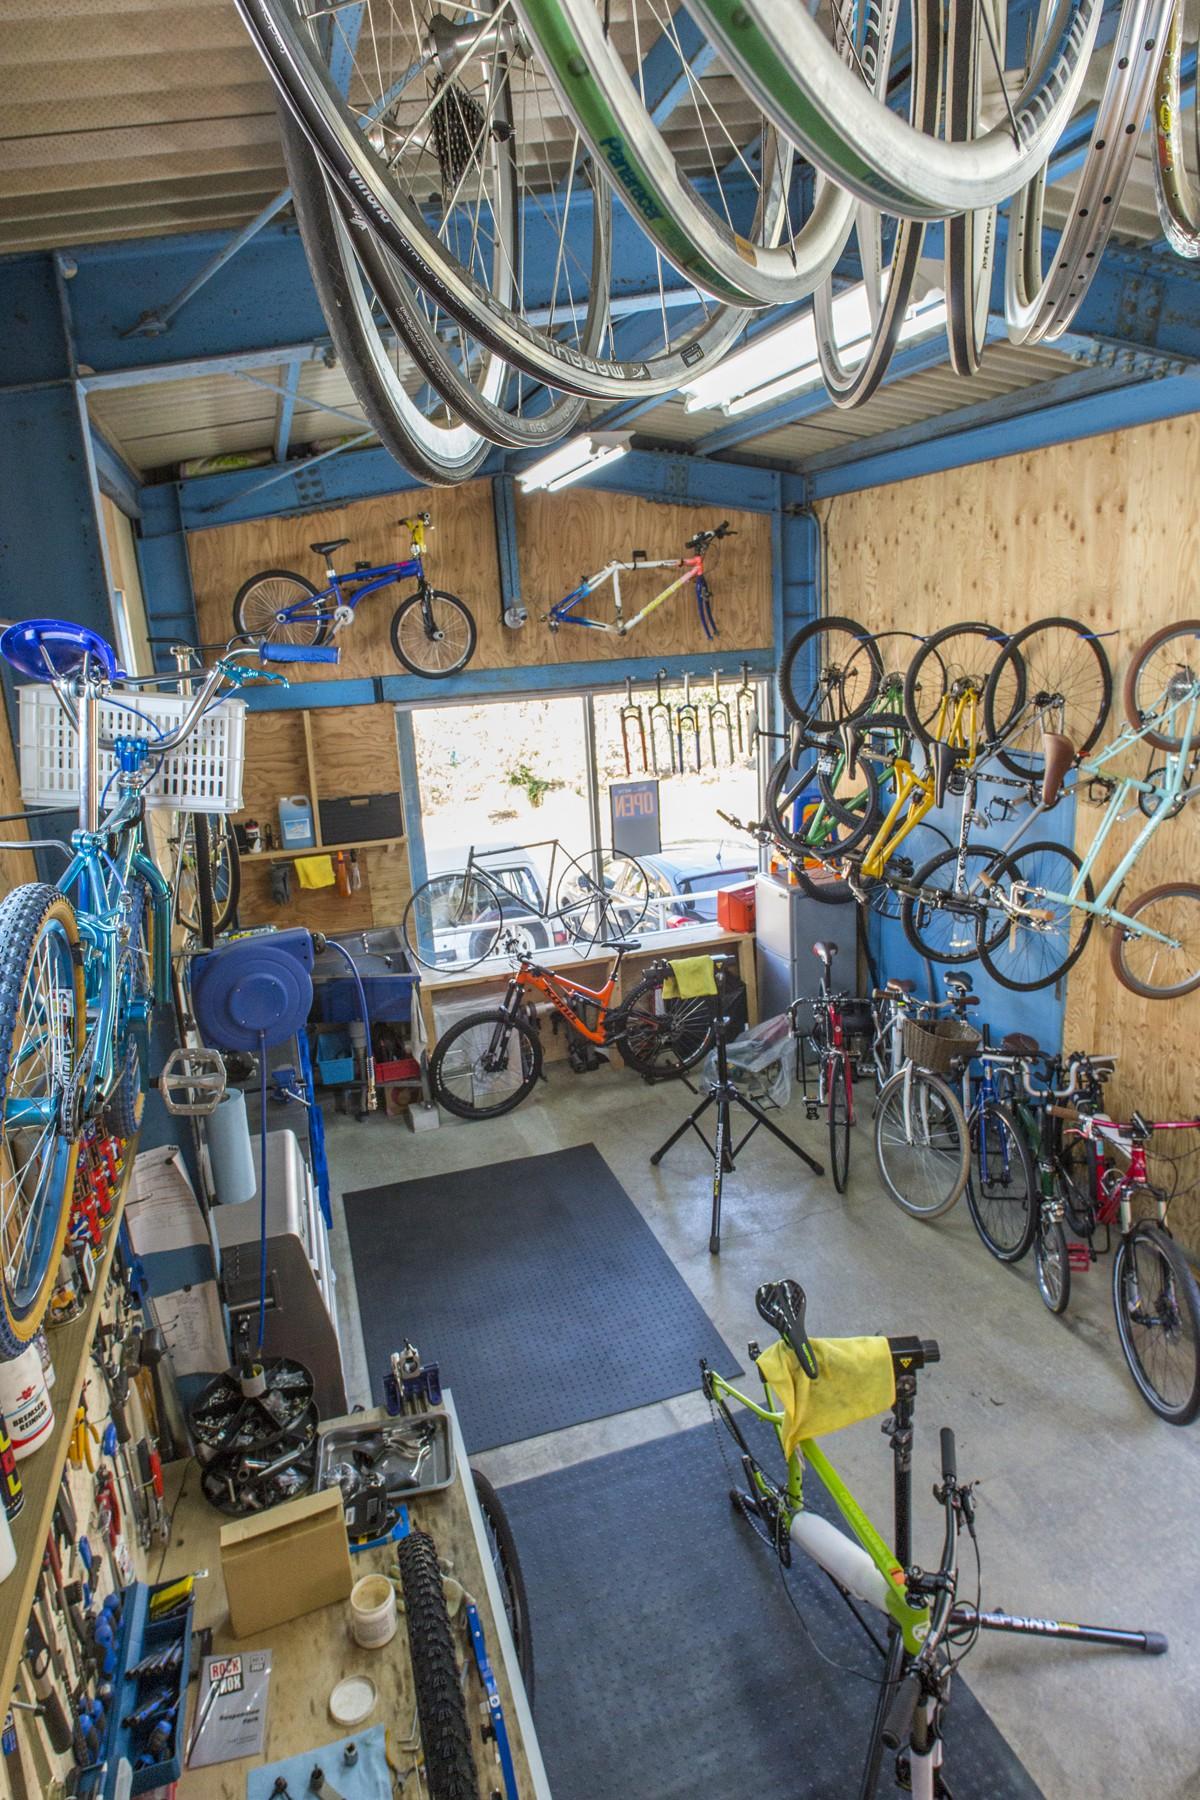 06_自転車R9A4484_TasPark_AO